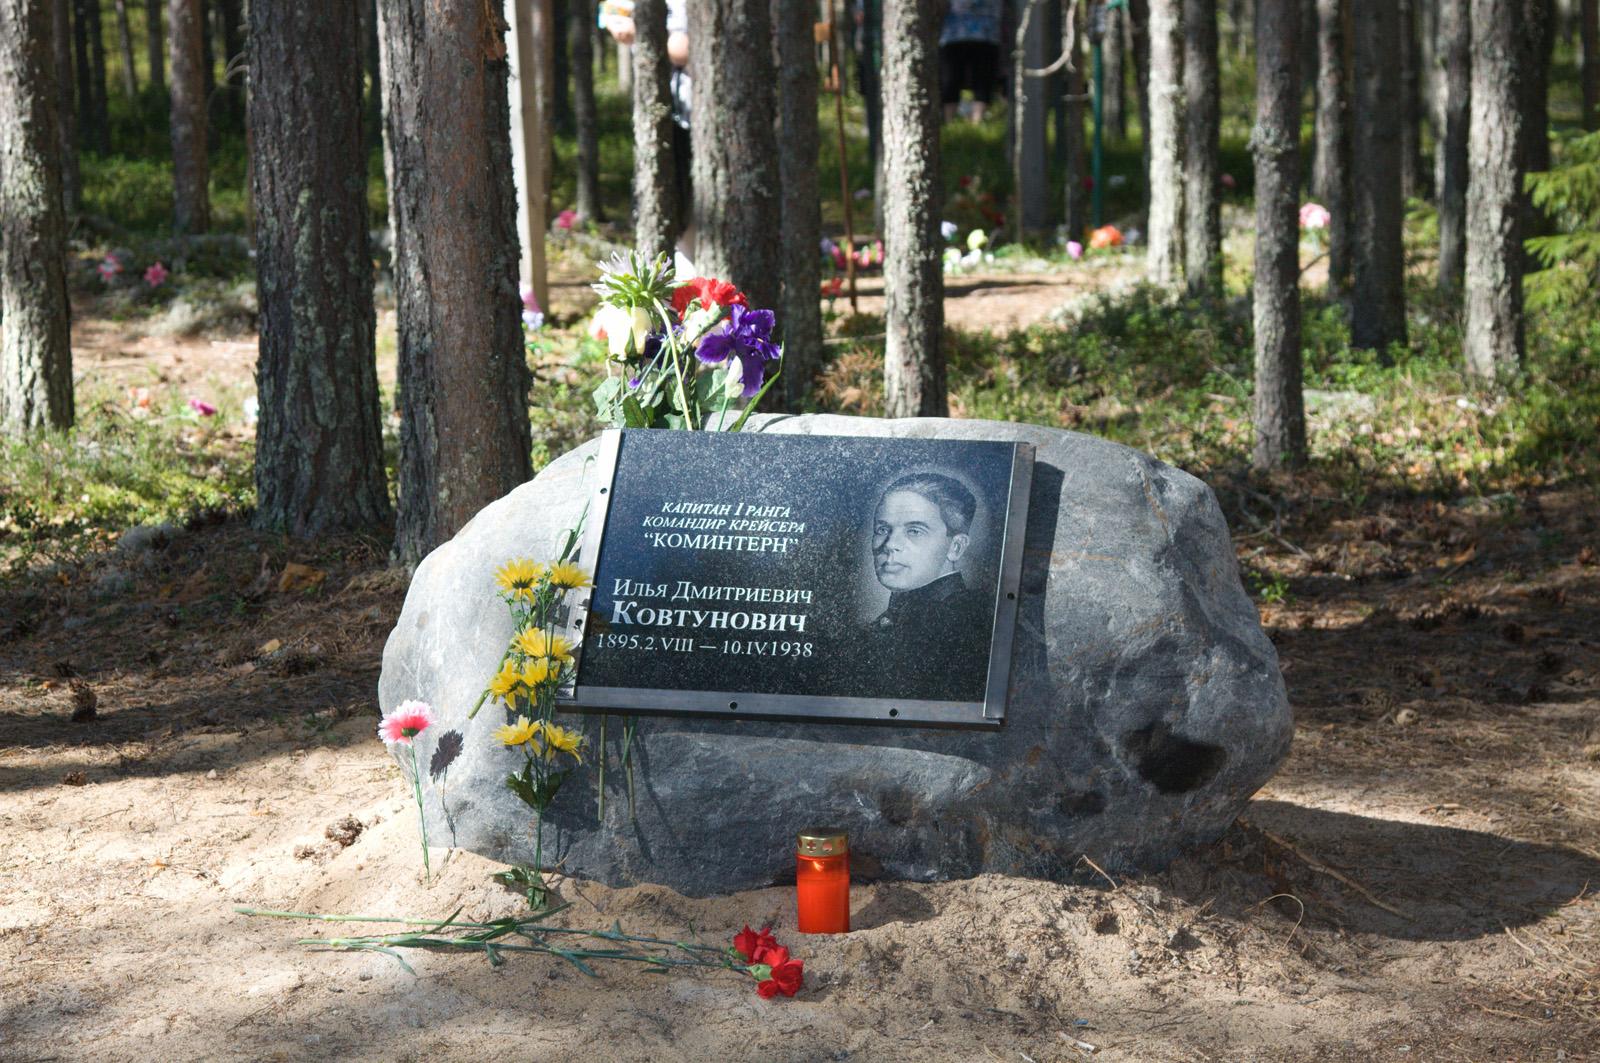 Памятный камень Илье Дмитриевичу Ковтуновичу